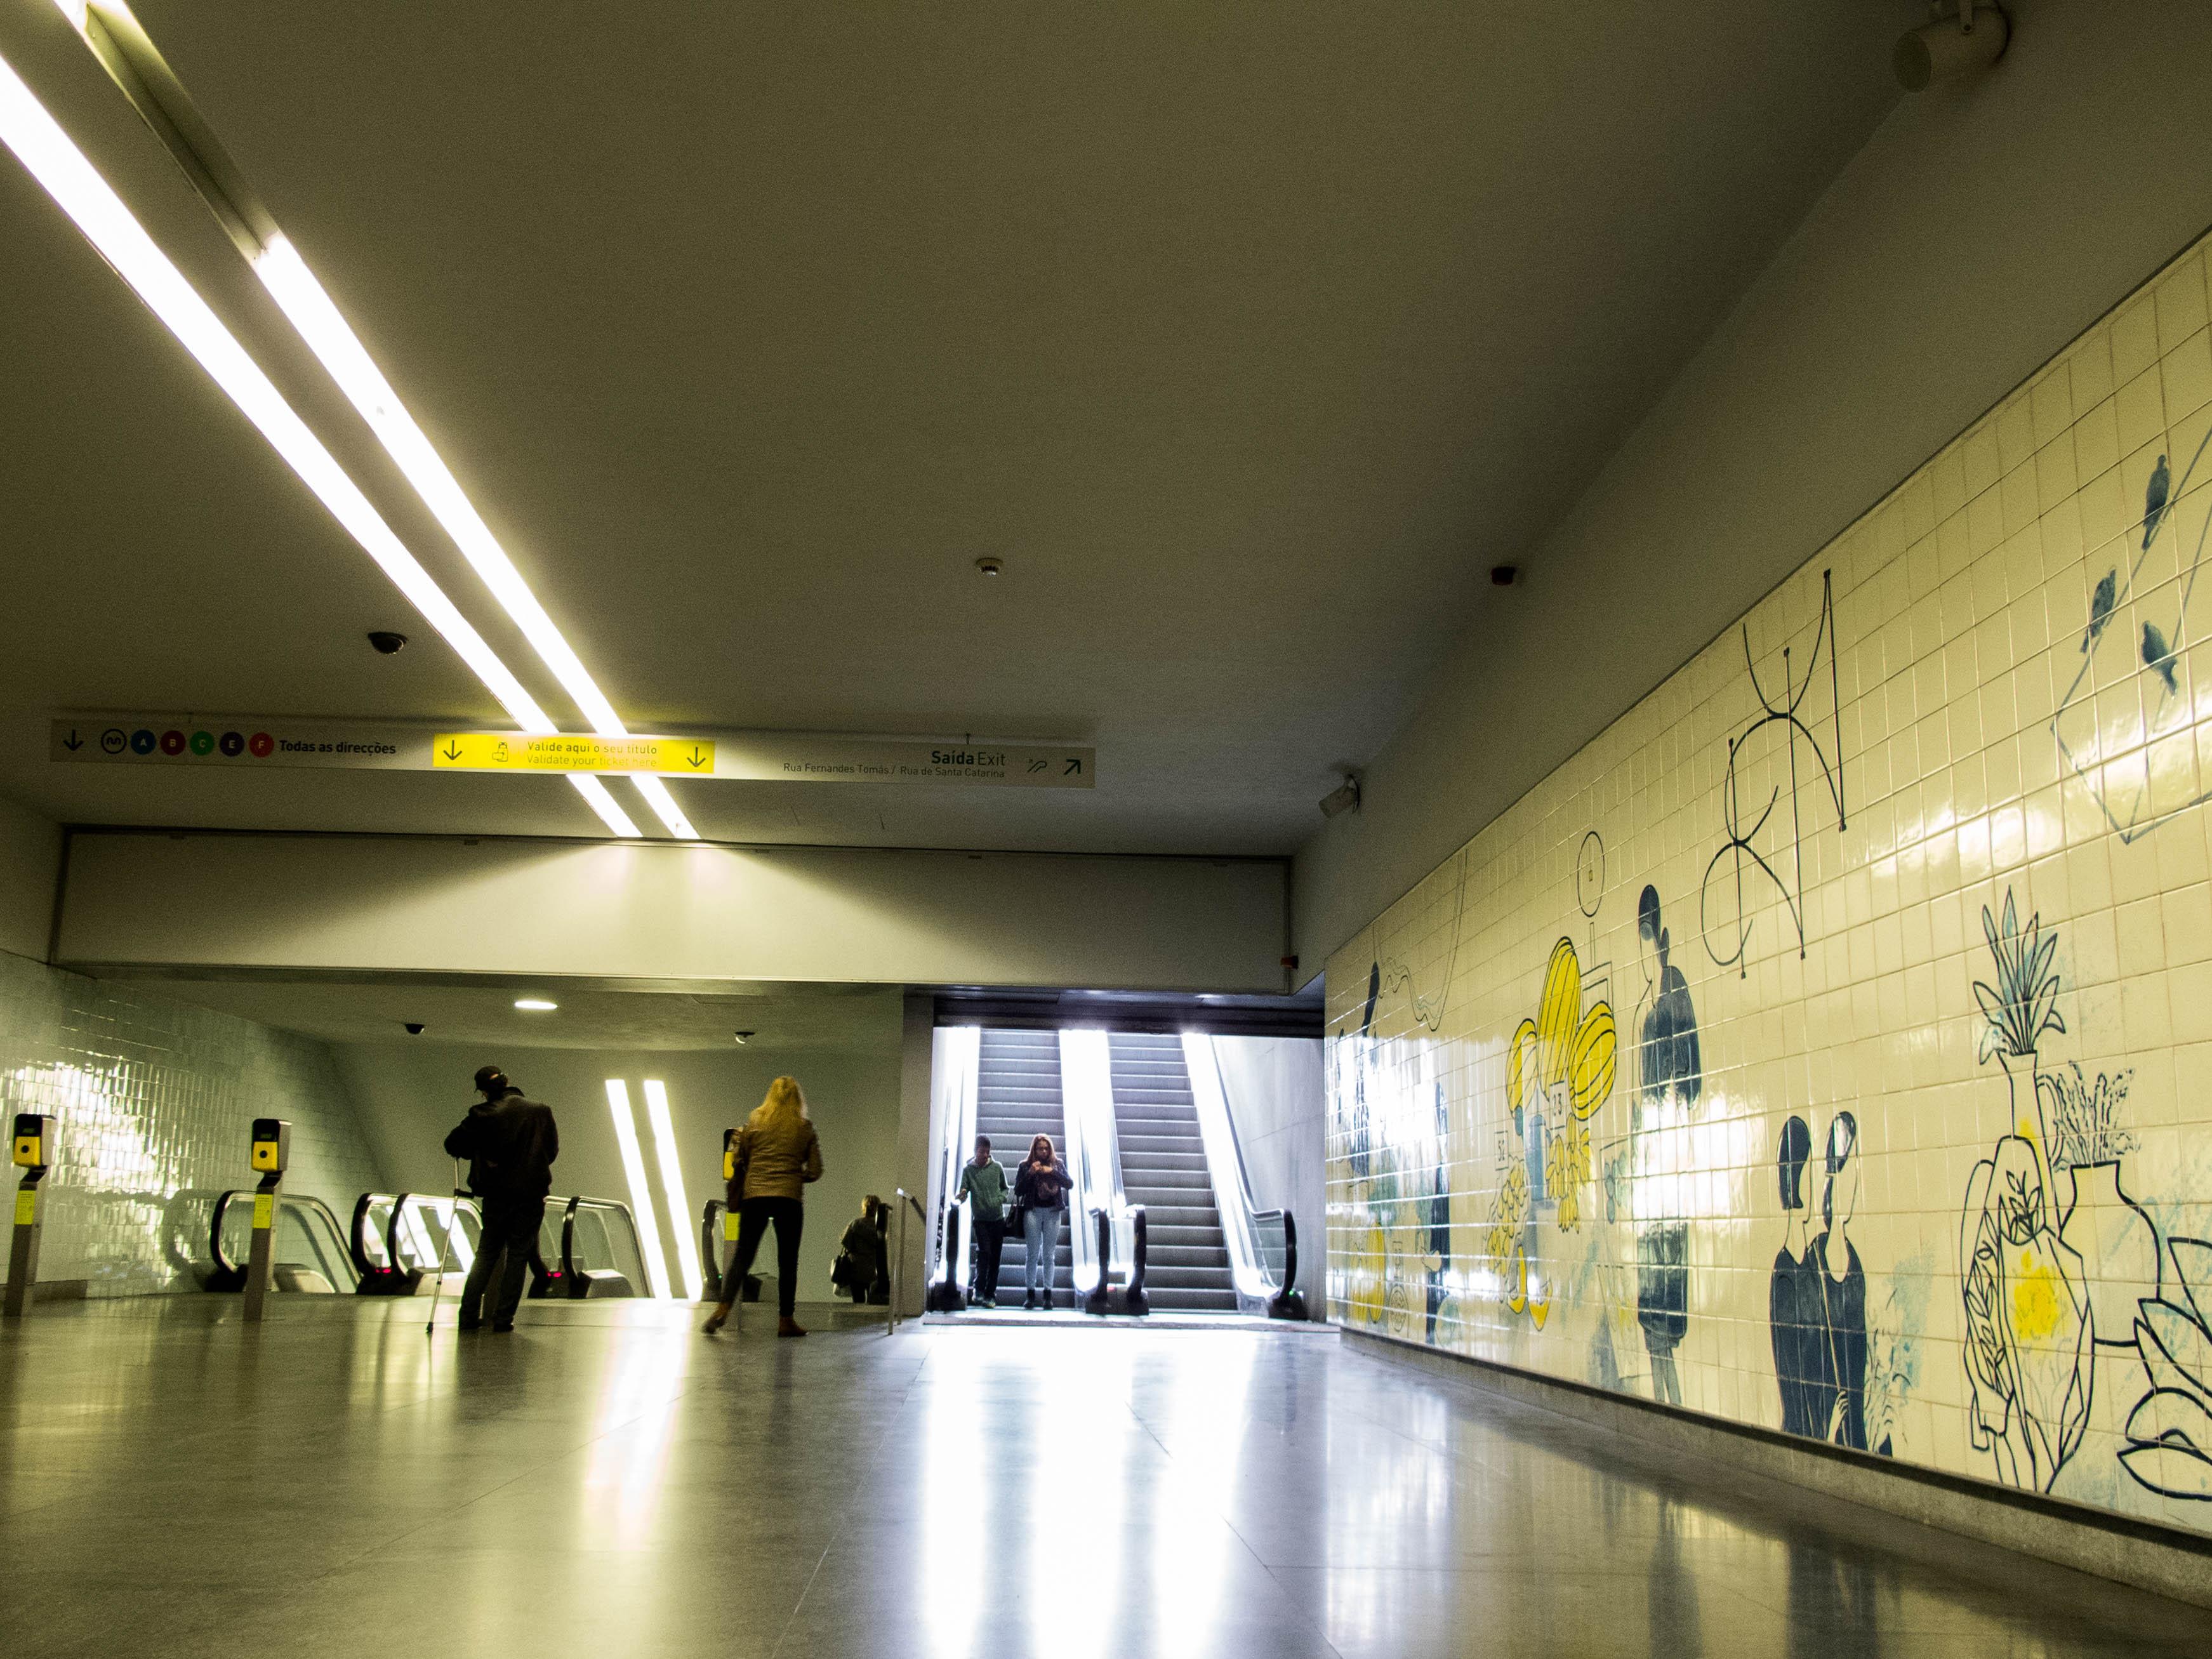 Atrio de Estación de Bolhão